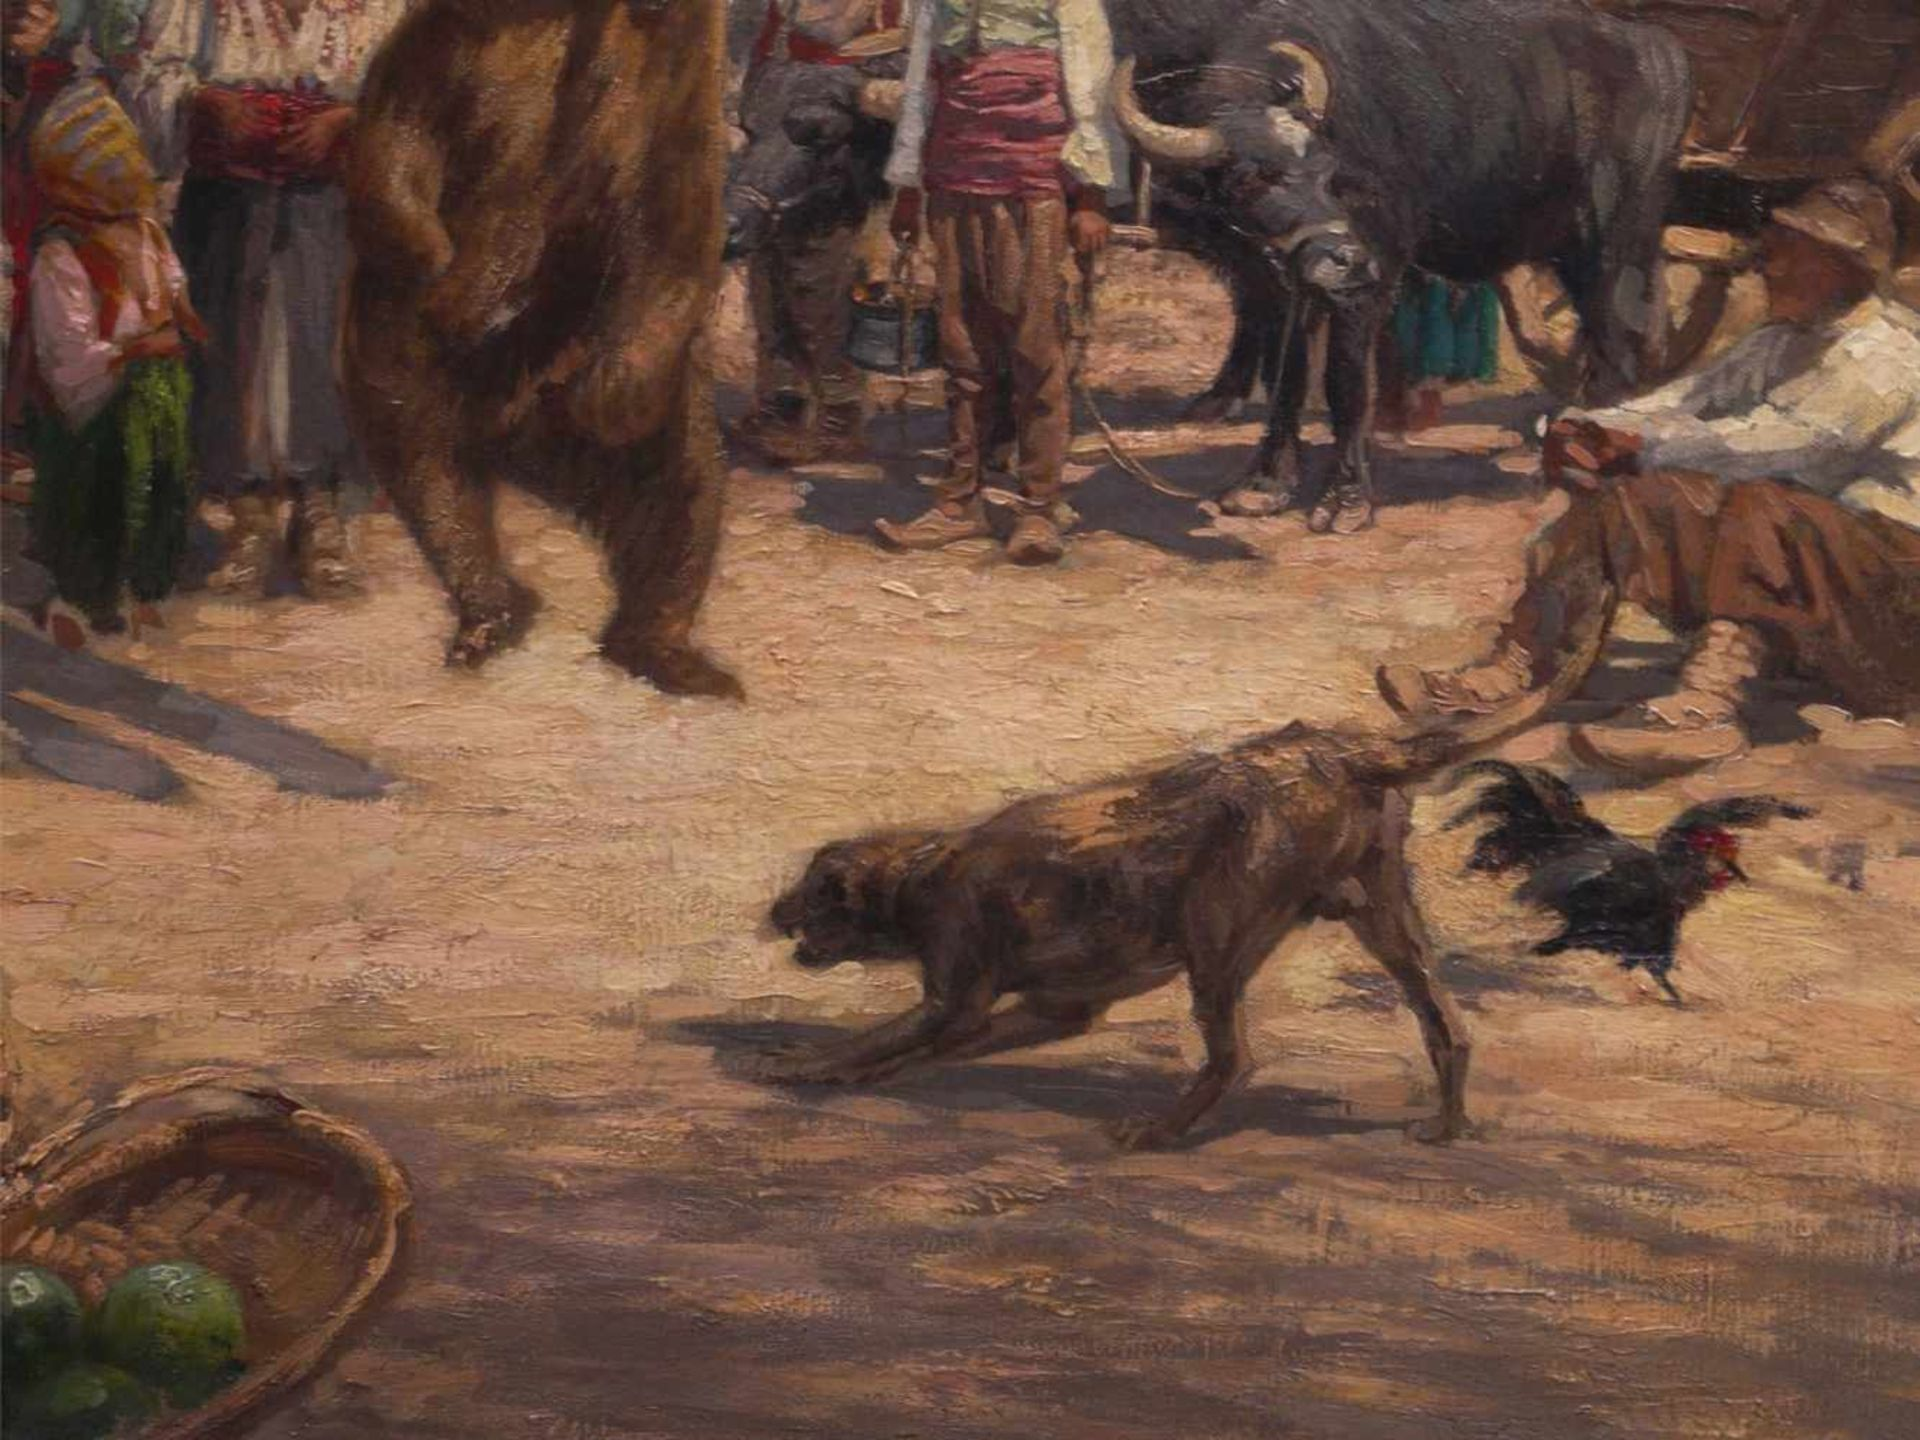 Klingemann, Hugo (1869-1942) - Tanzbär in RumänienDörfliche Szenerie, die Gemeinschaft hat sich - Bild 4 aus 6